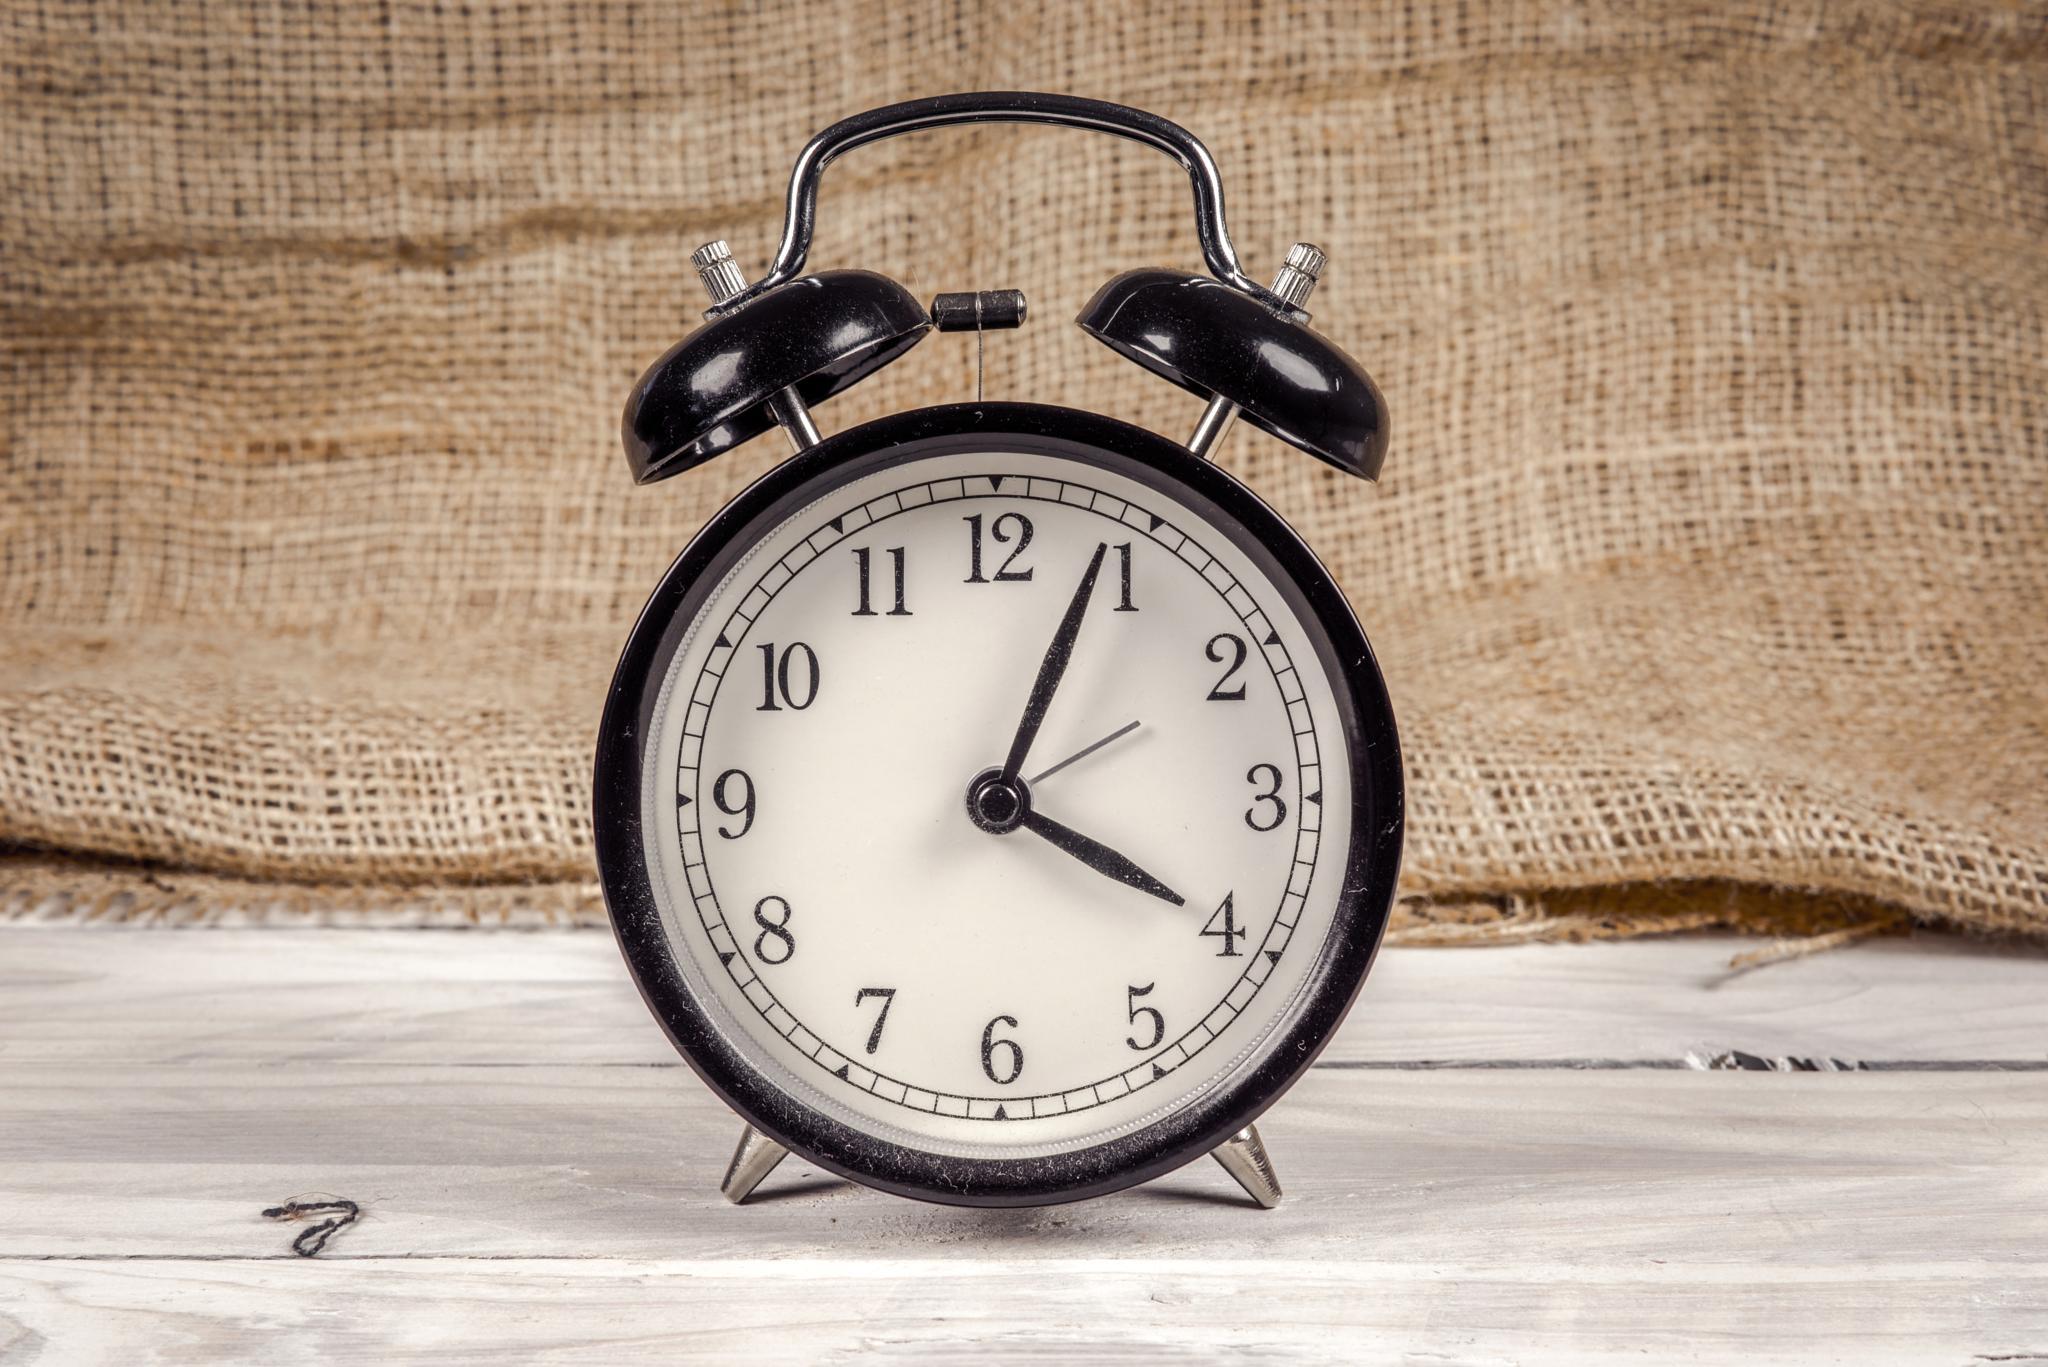 Alarm clock by Kasper Nymann